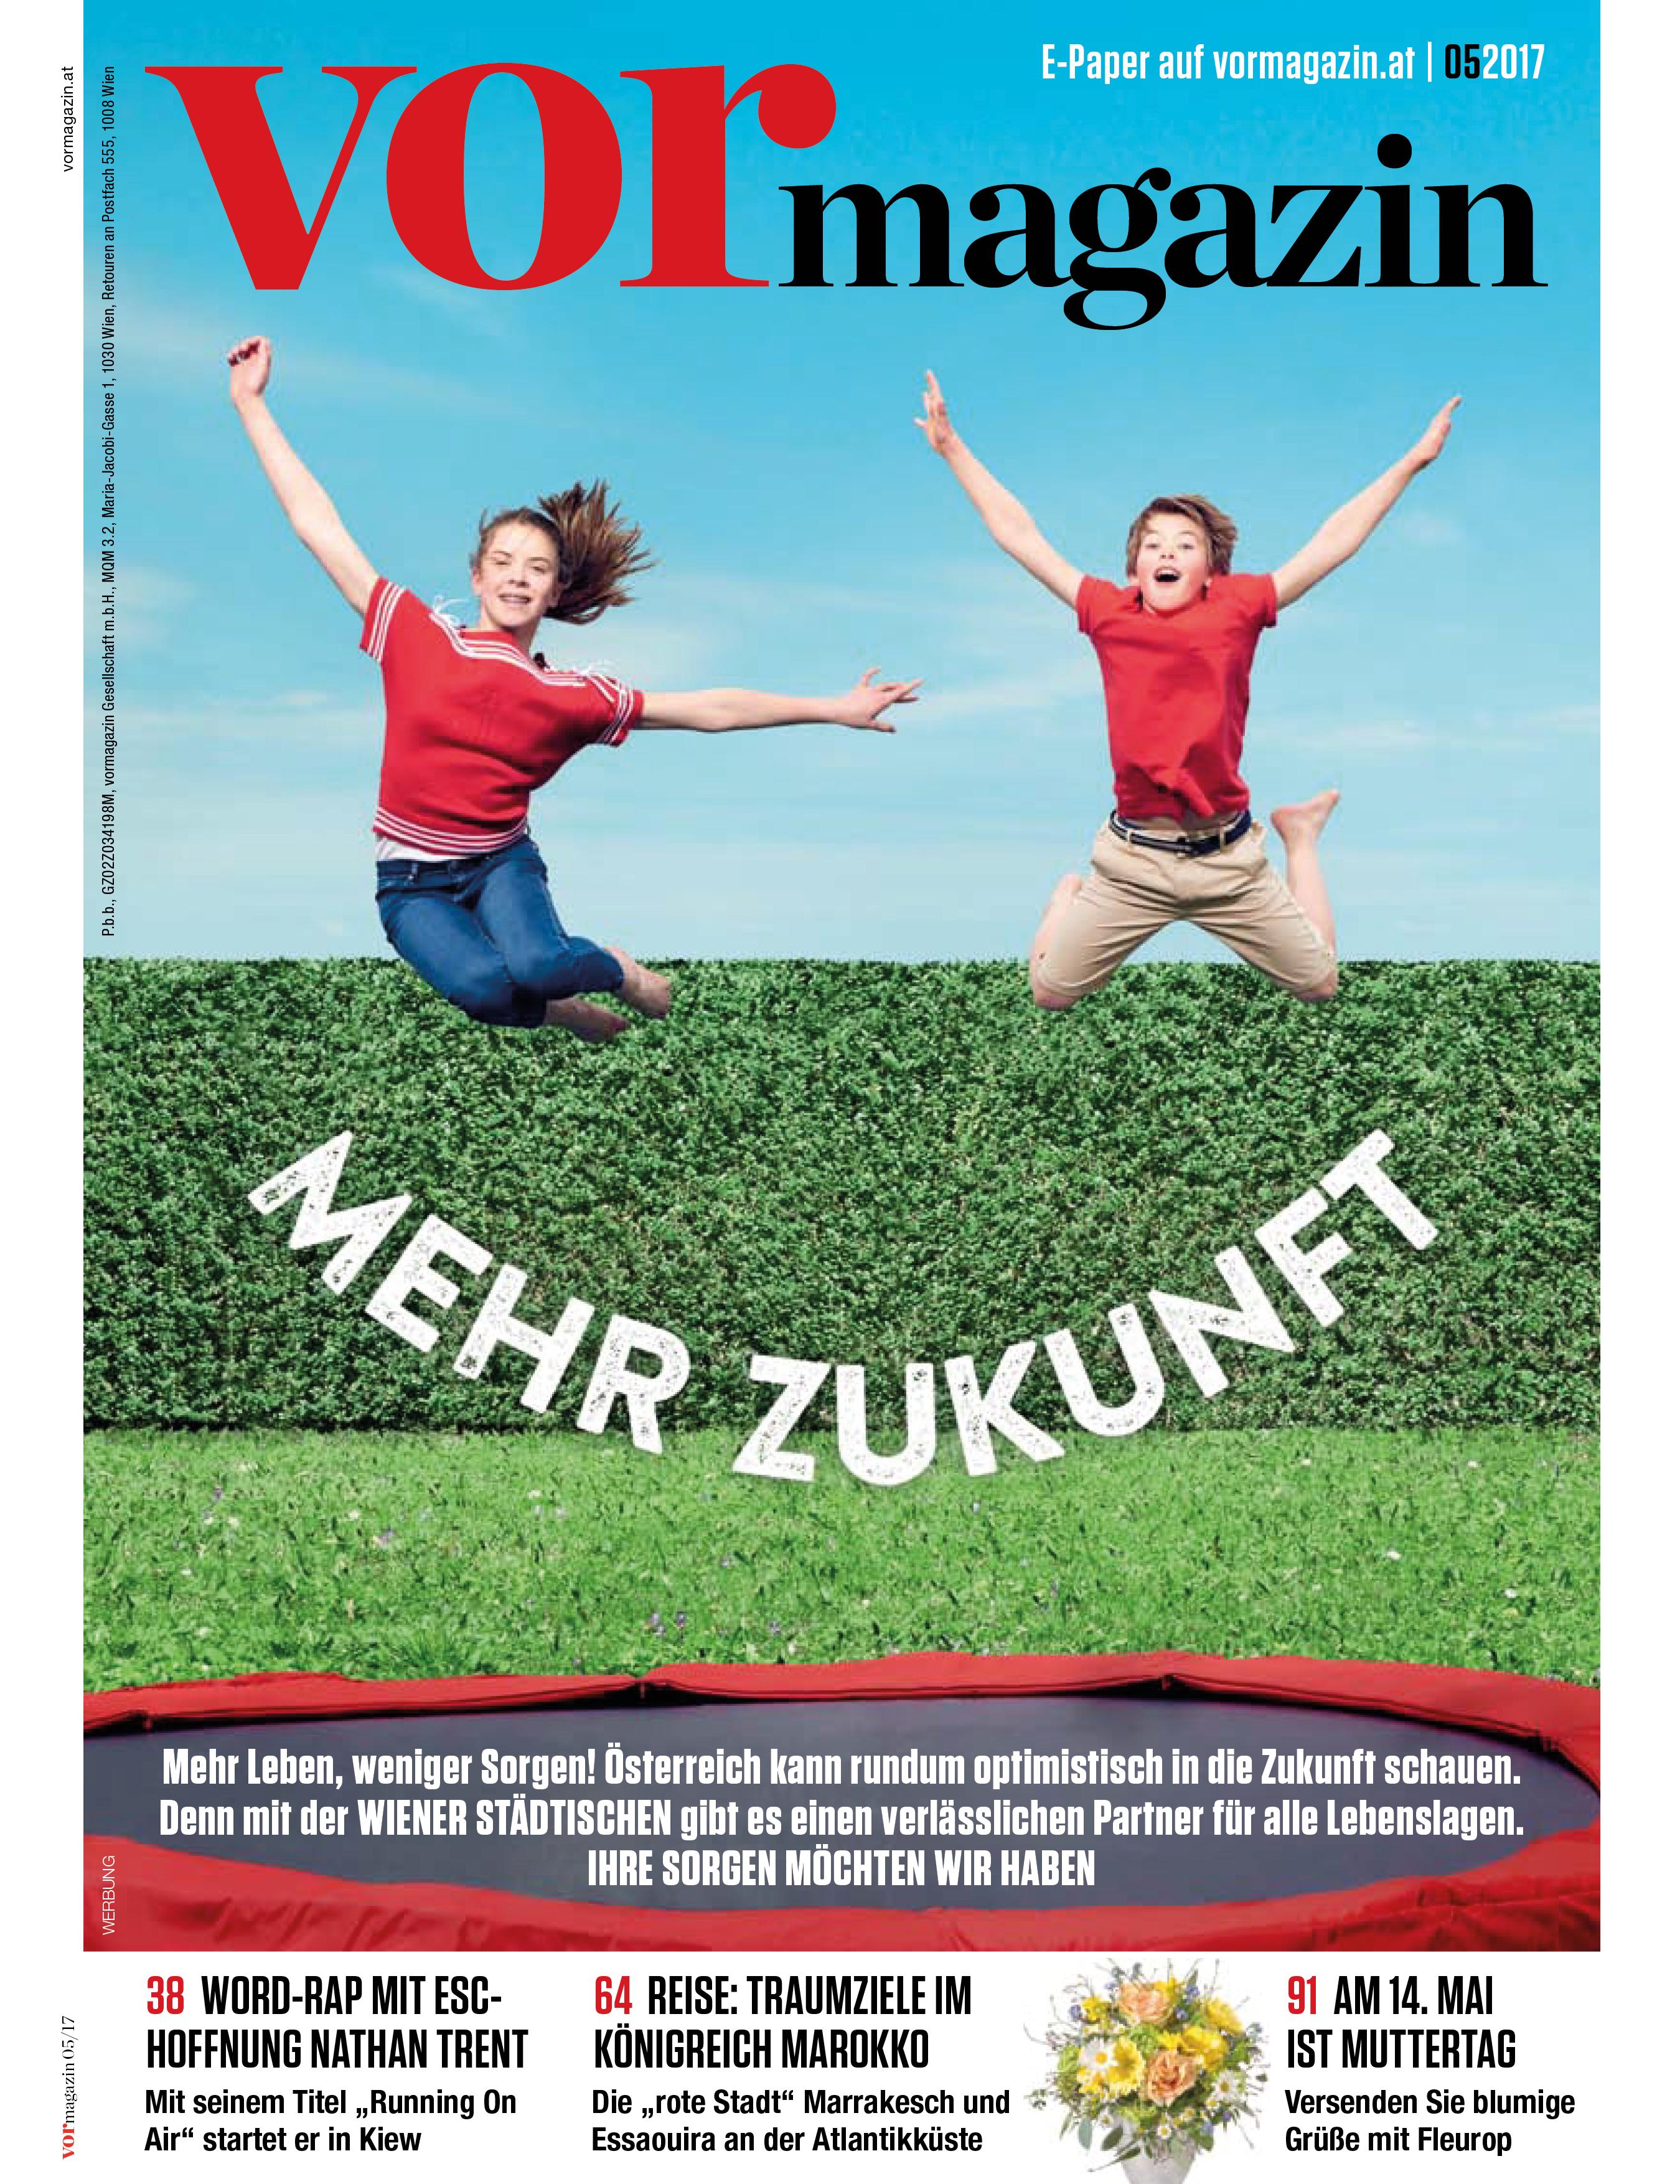 NUSSYY® im VORmagazin - MAI 2017 - COVER